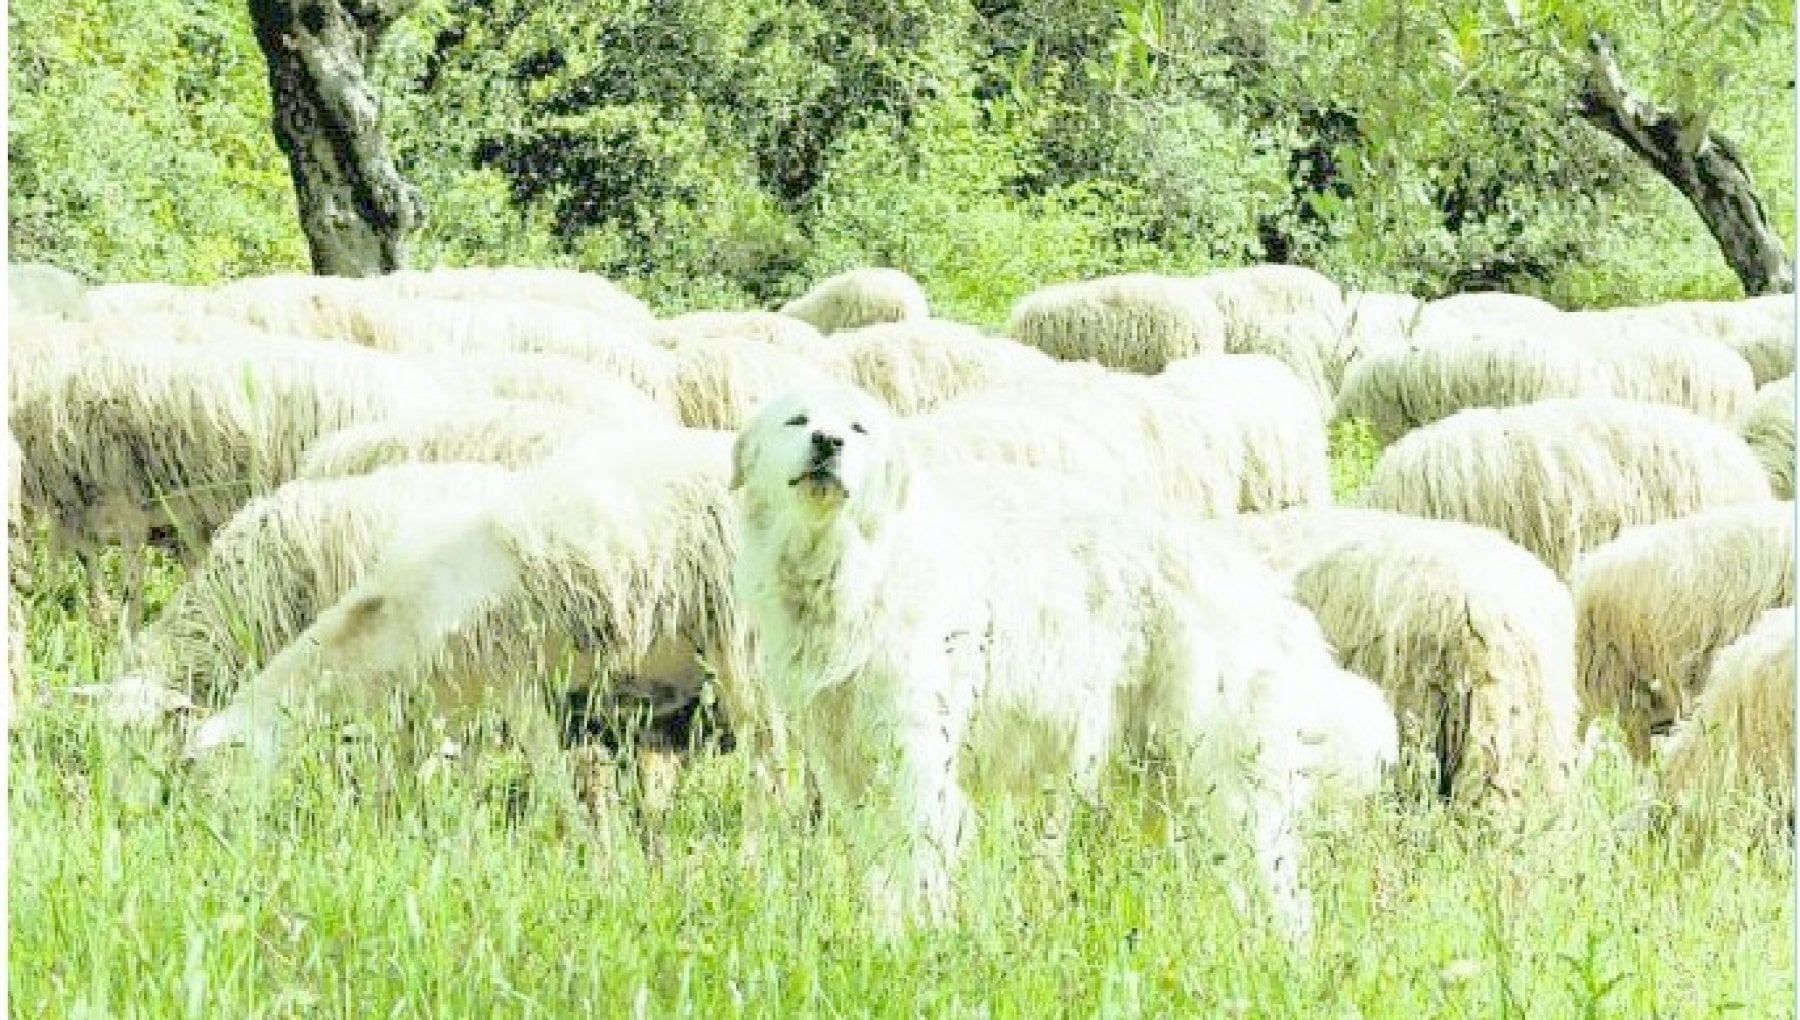 220404316 82061e46 473f 4a18 b938 5f97c30b0e45 - In memoria di Uno, il cane ucciso dai lupi per salvare il gregge